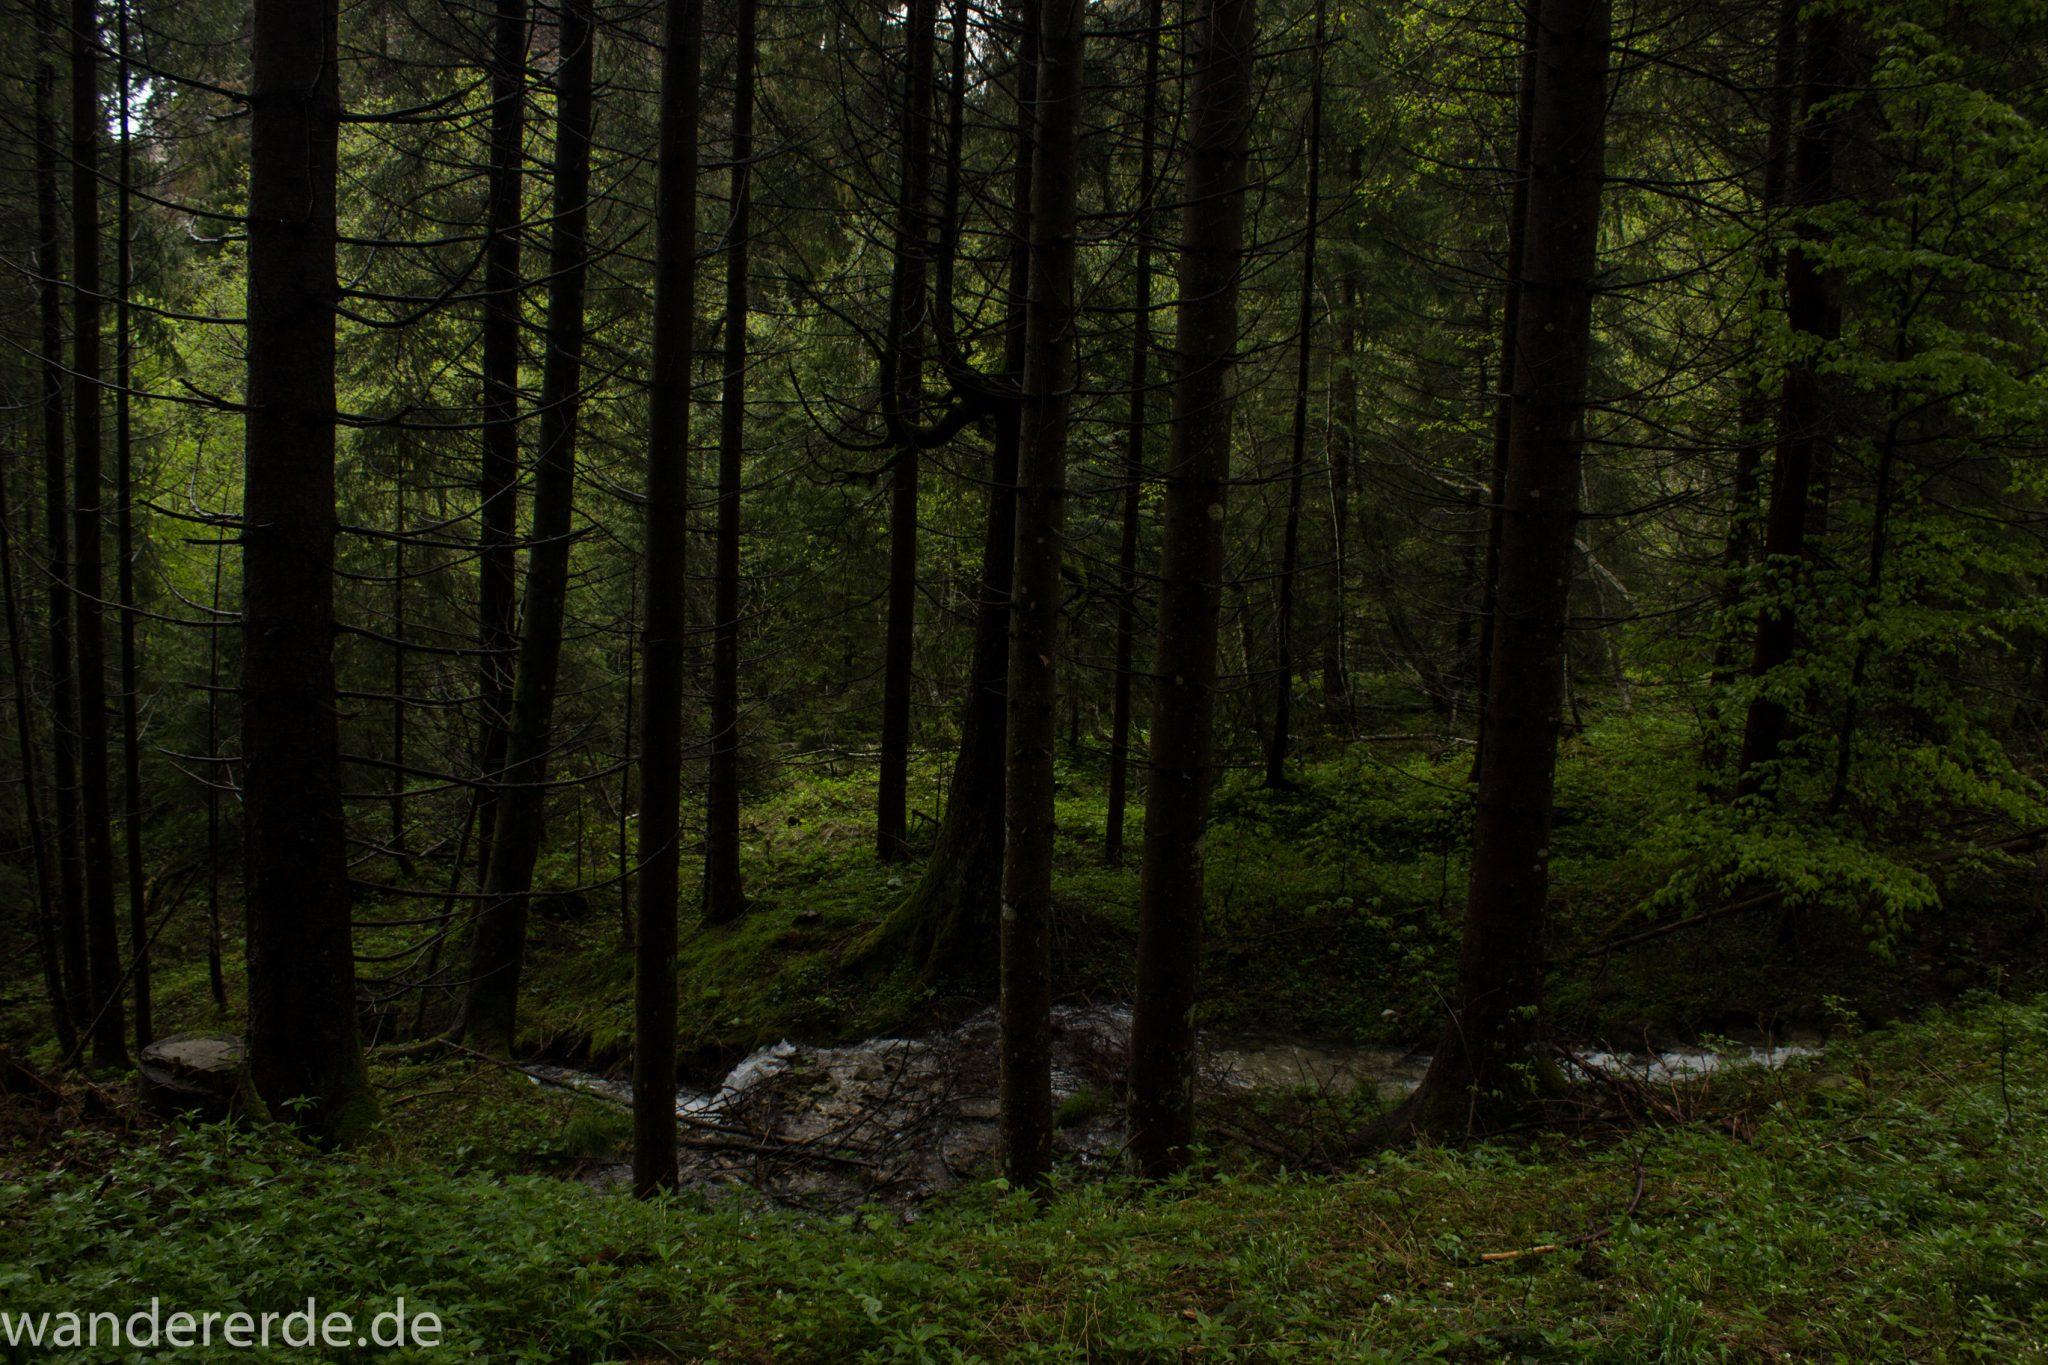 Tegelbergkopf Wanderung bei Stadt Füssen – Parkplatz Drehhütte bis Rohrkopfhütte, Wanderweg durch schönen und dichten Wald, wolkig, tolle Atmosphäre, saftig grüne Wiese, Bach fließt durch Wald